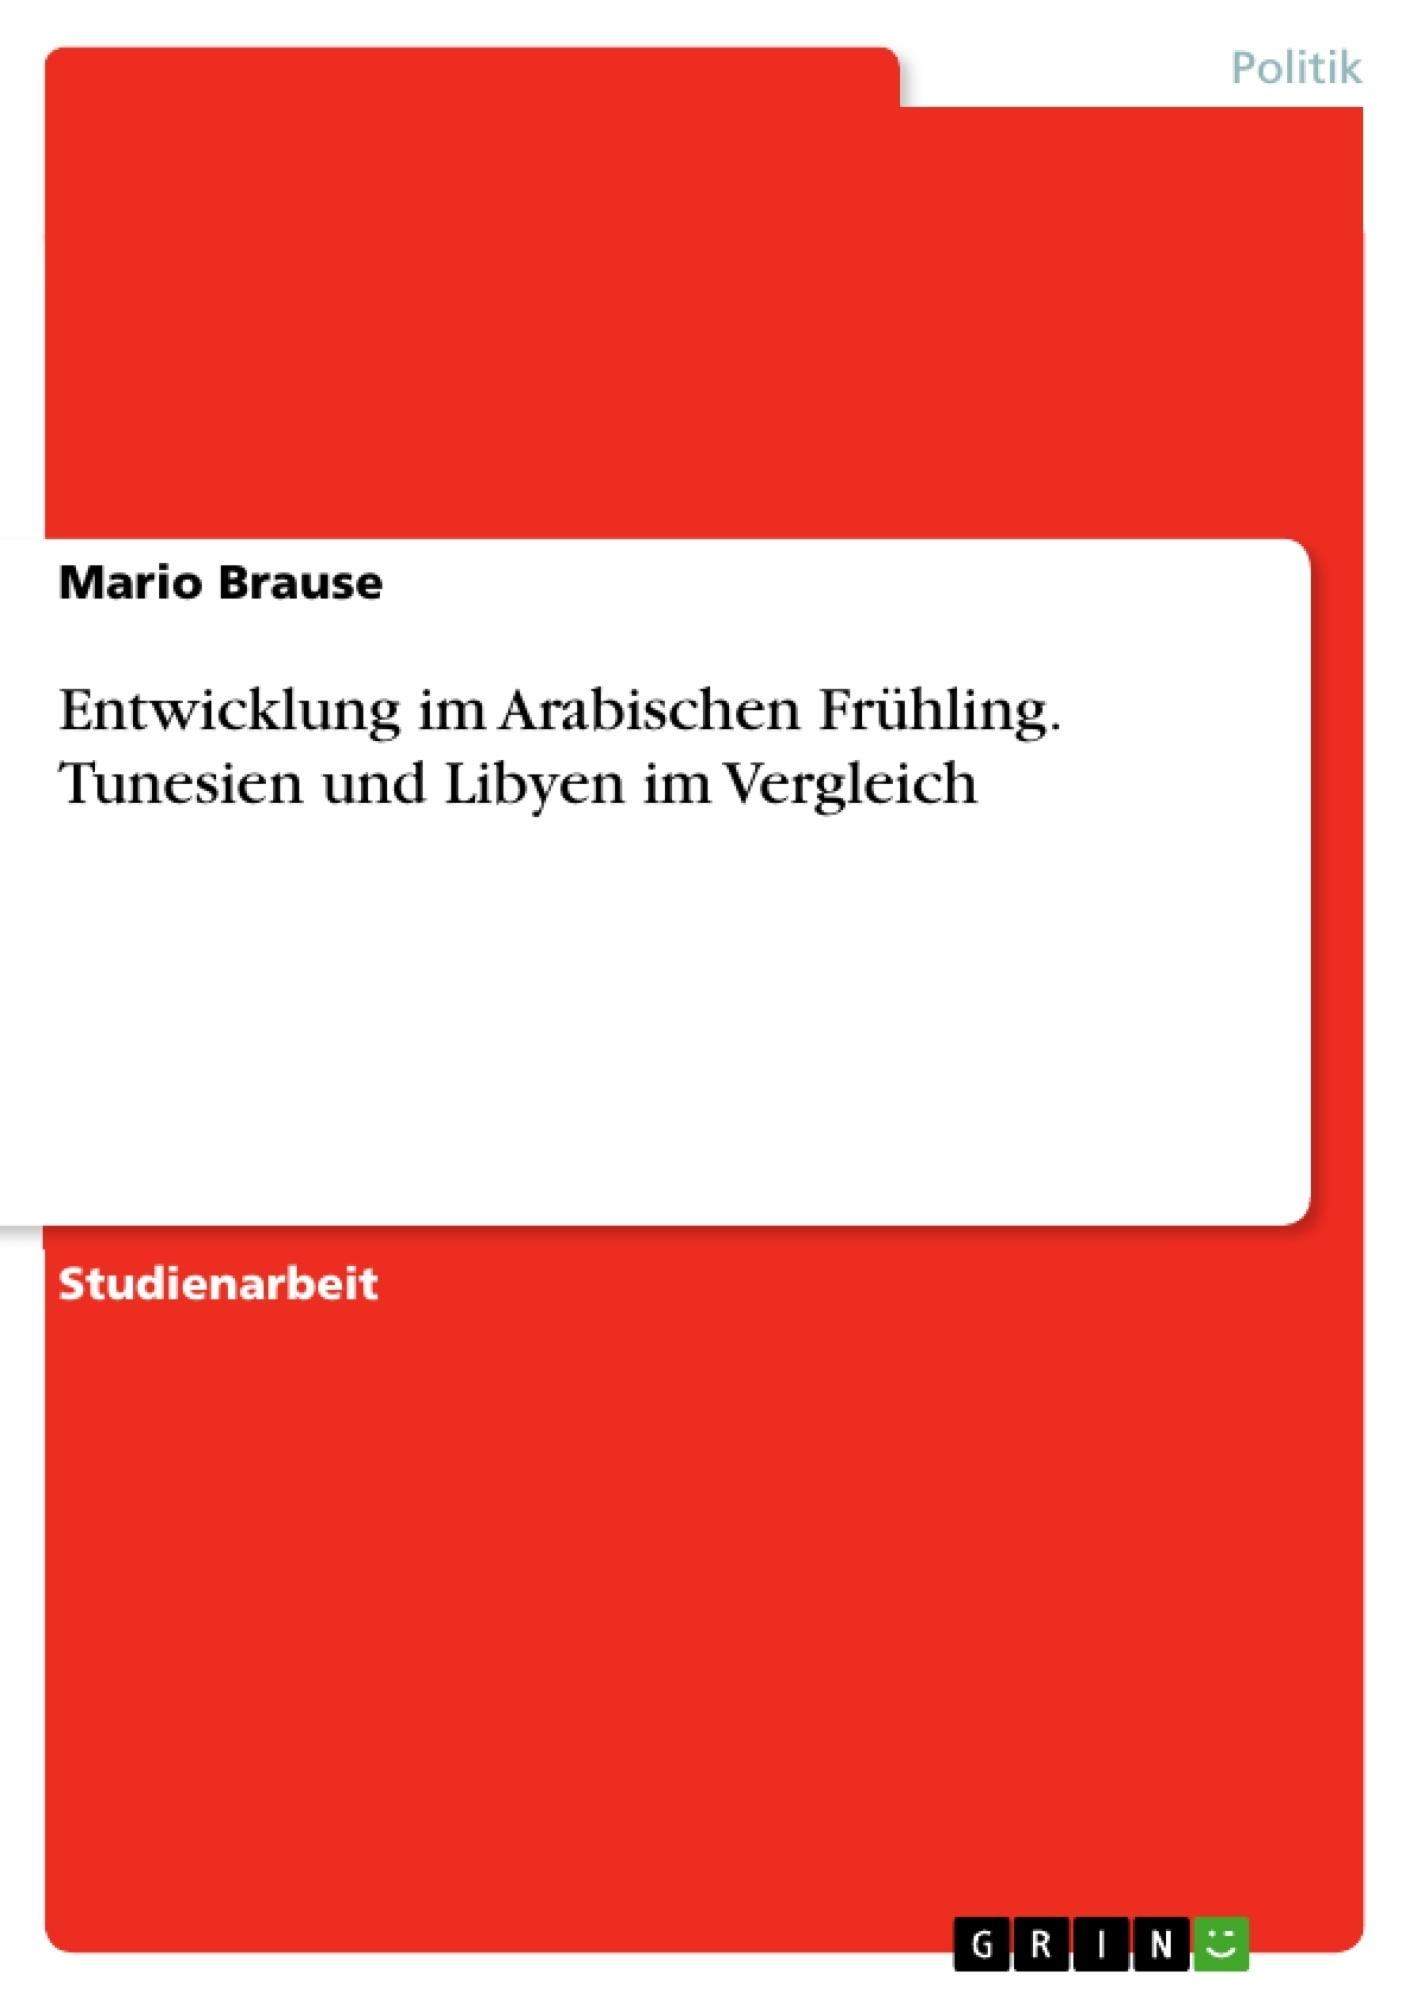 Titel: Entwicklung im Arabischen Frühling. Tunesien und Libyen im Vergleich